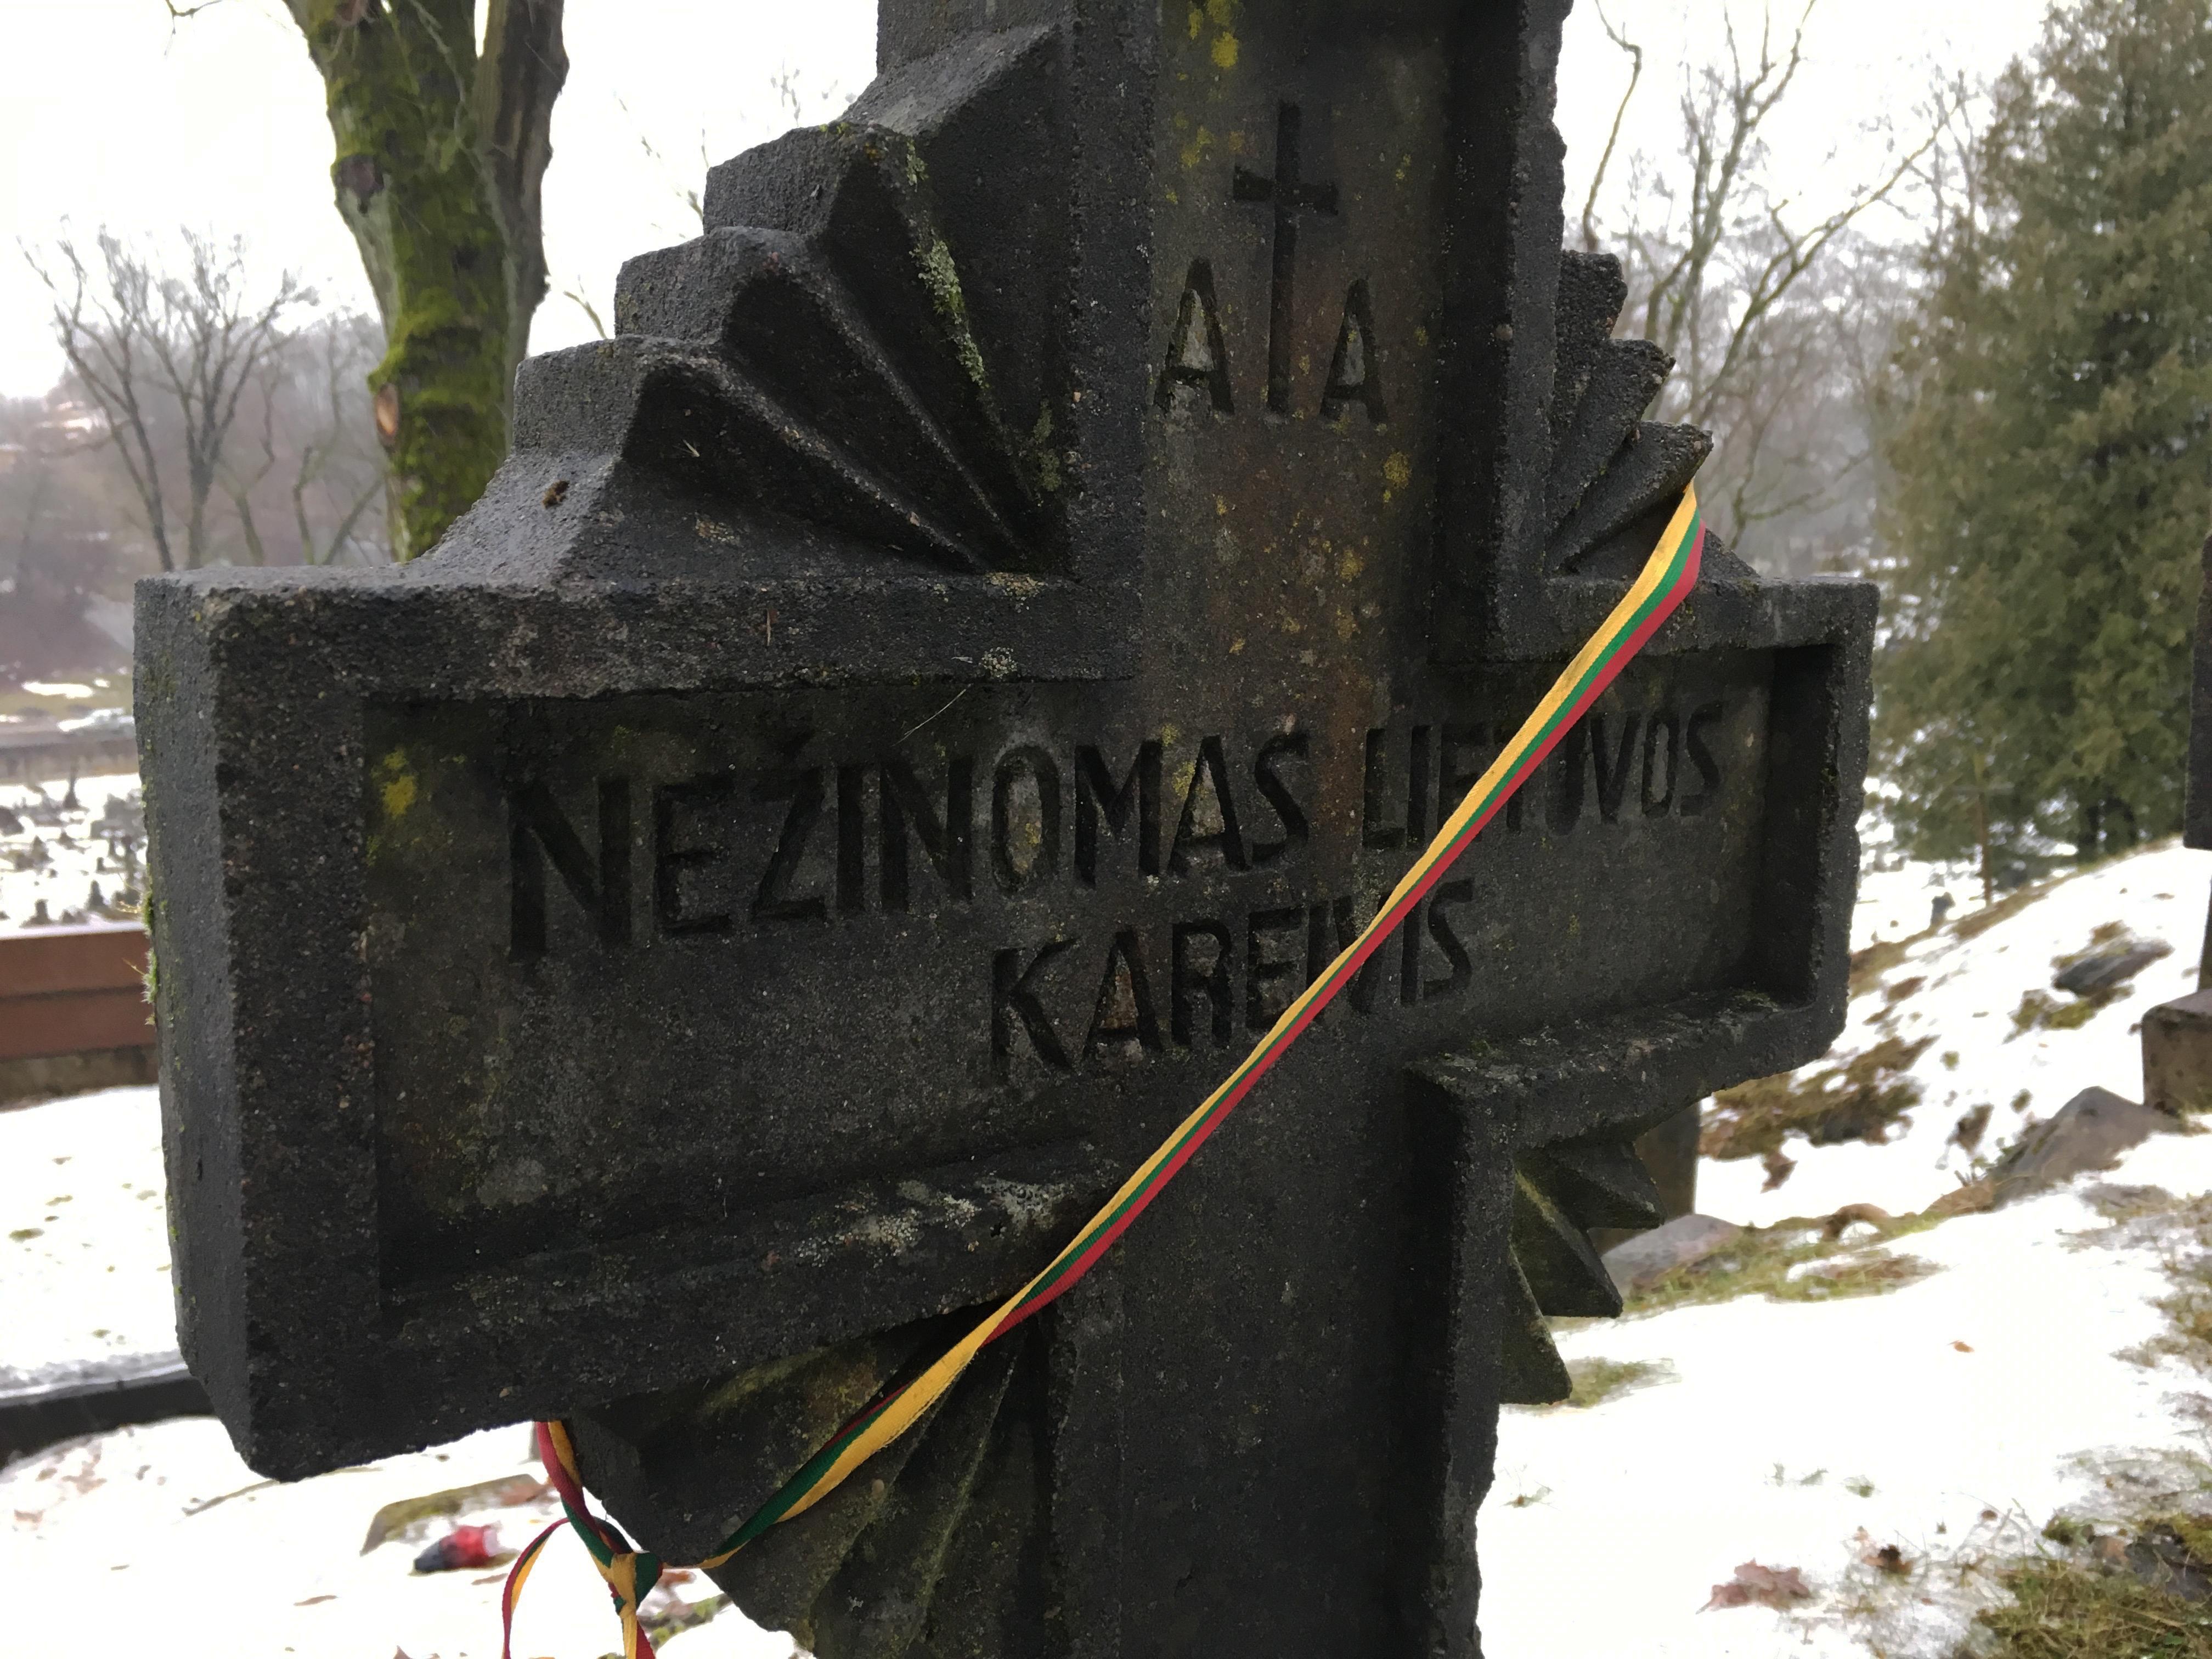 Lietuvos piliečiai kviečiami pagerbti Lietuvos kariuomenės savanorių kapus.